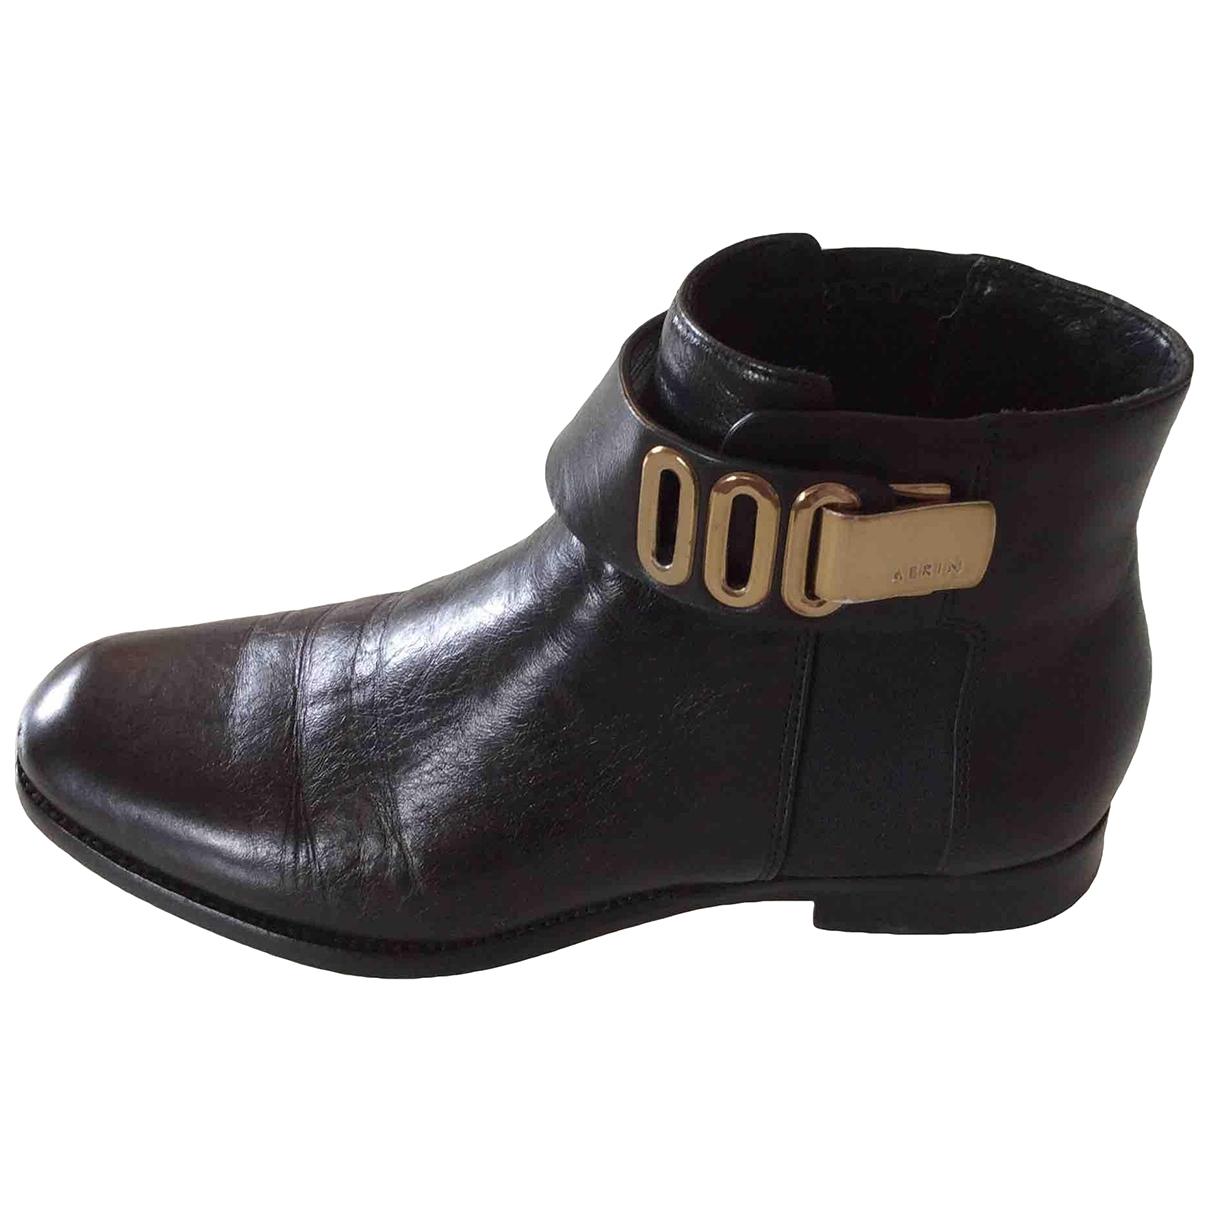 Aerin - Boots   pour femme en cuir - noir